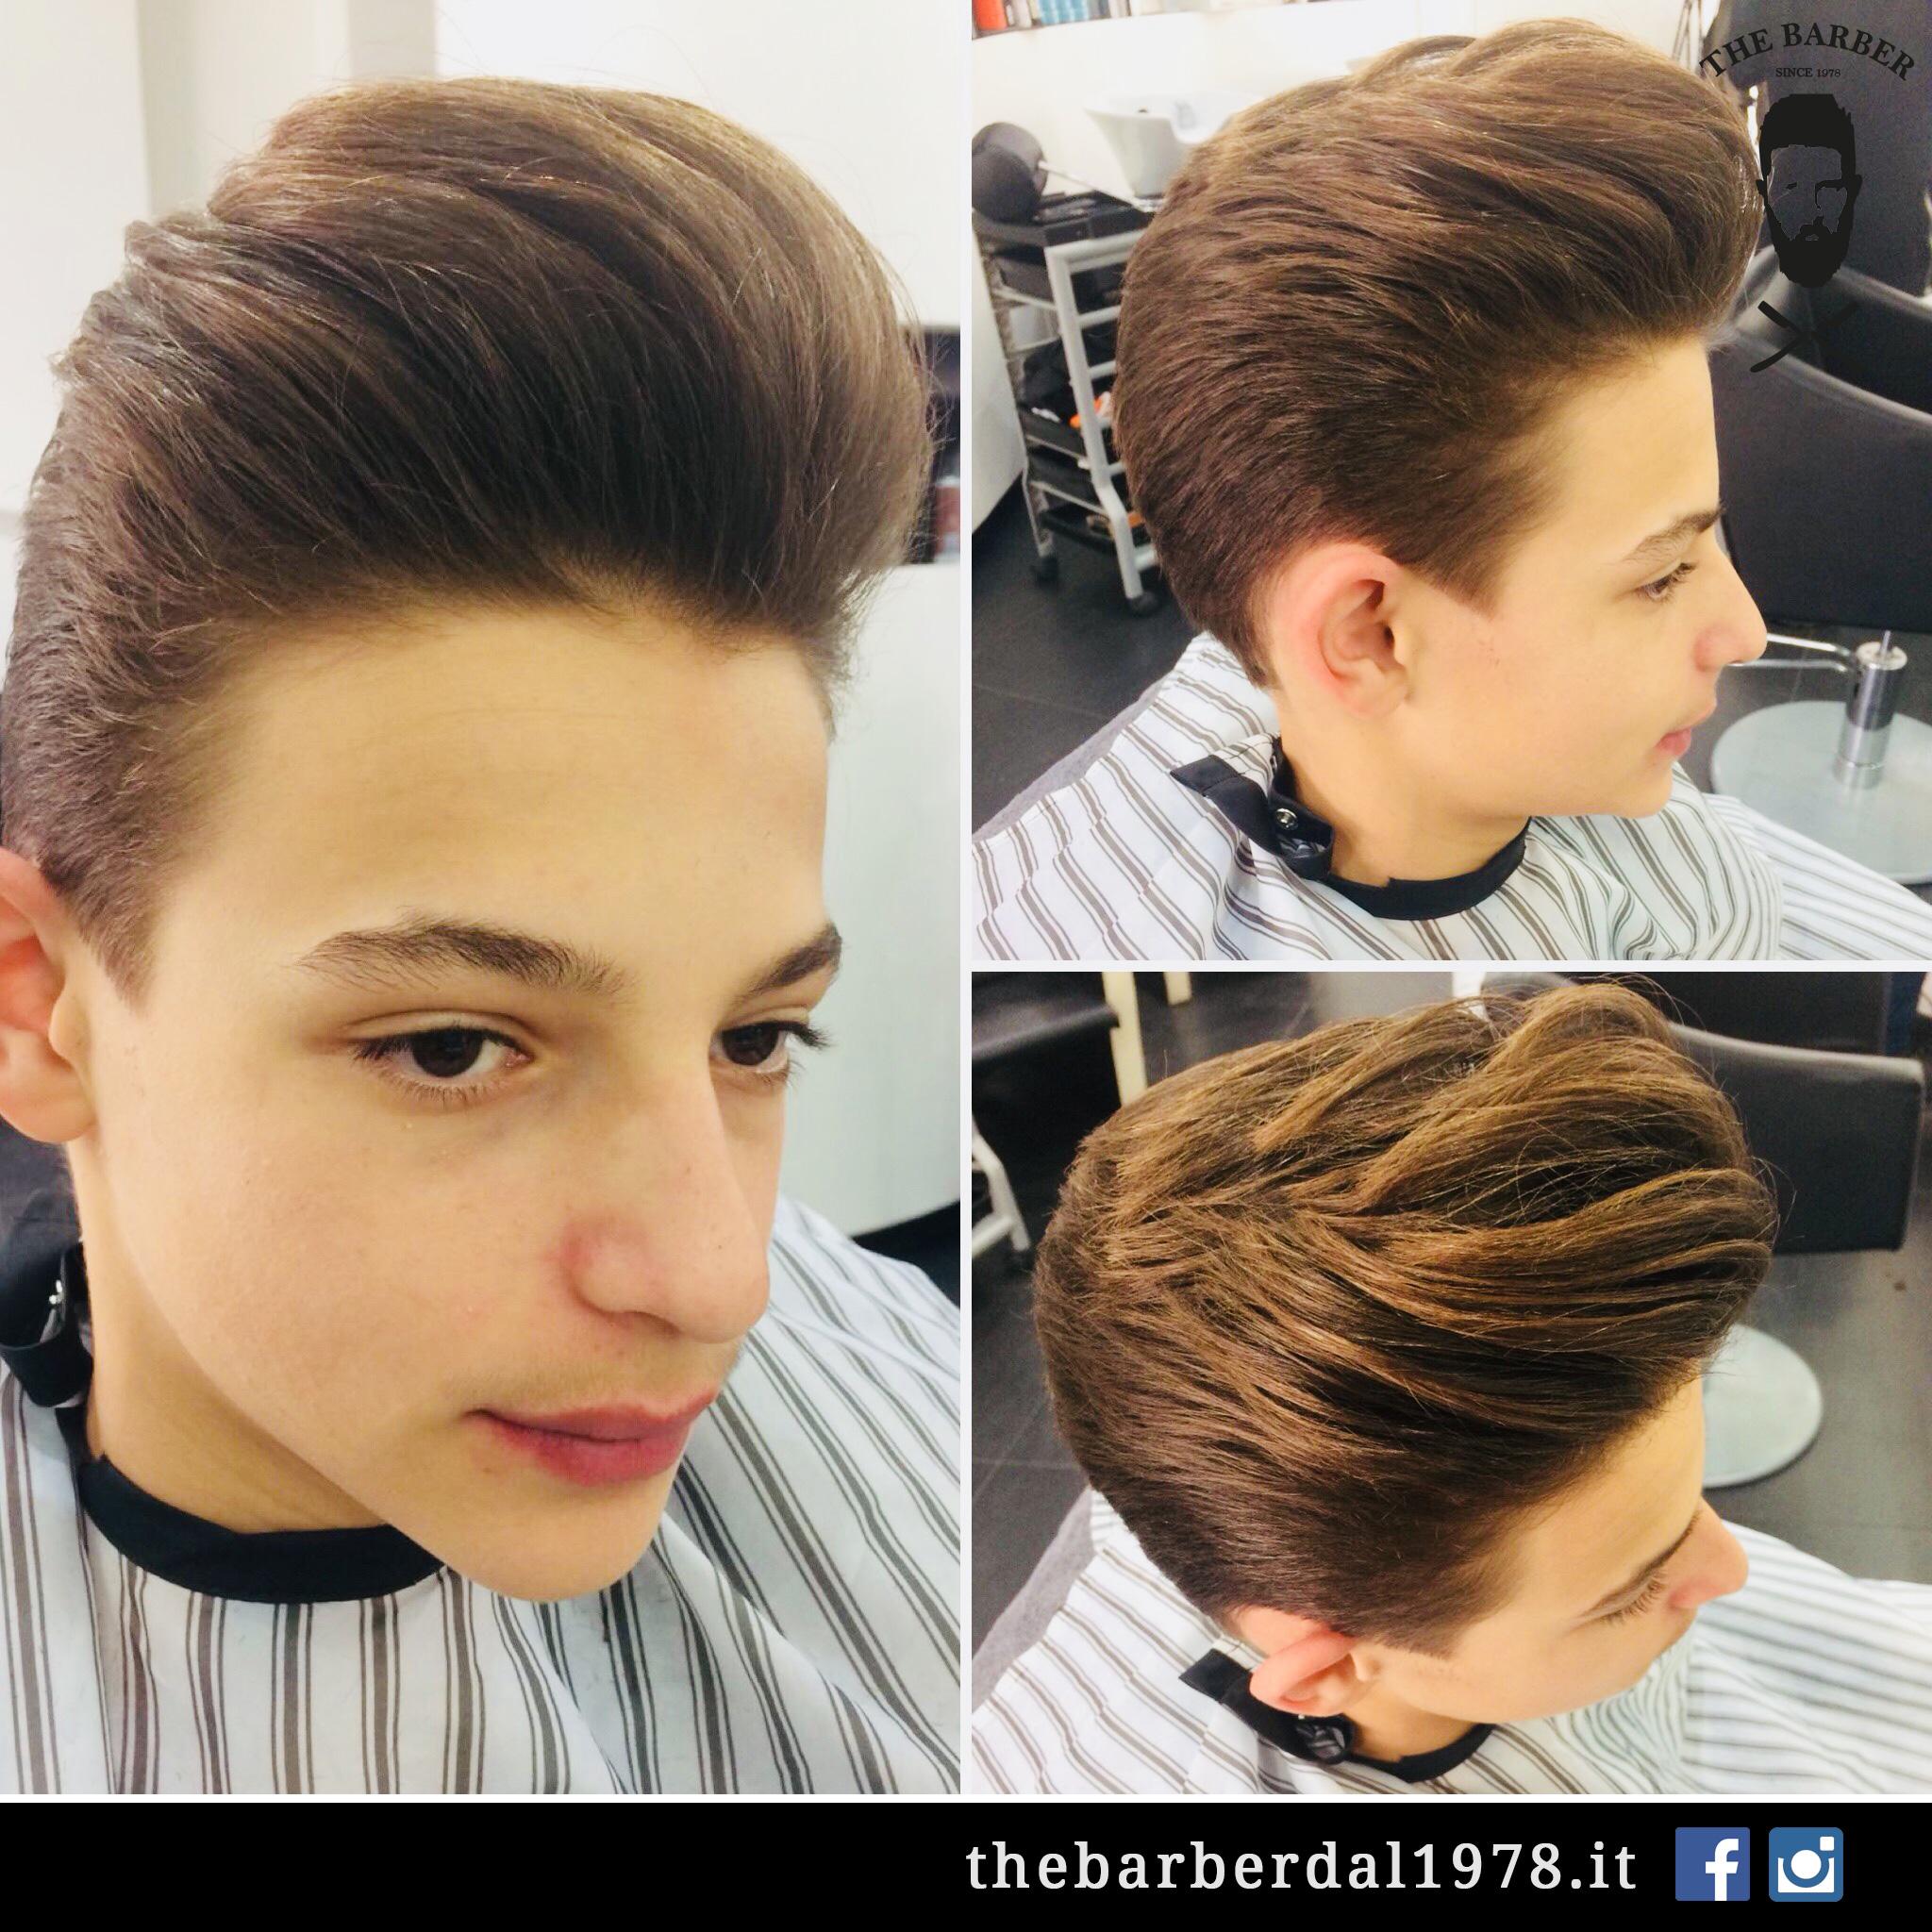 barbiere-parrucchiere-rossano-corigliano-cosenza-180301-1